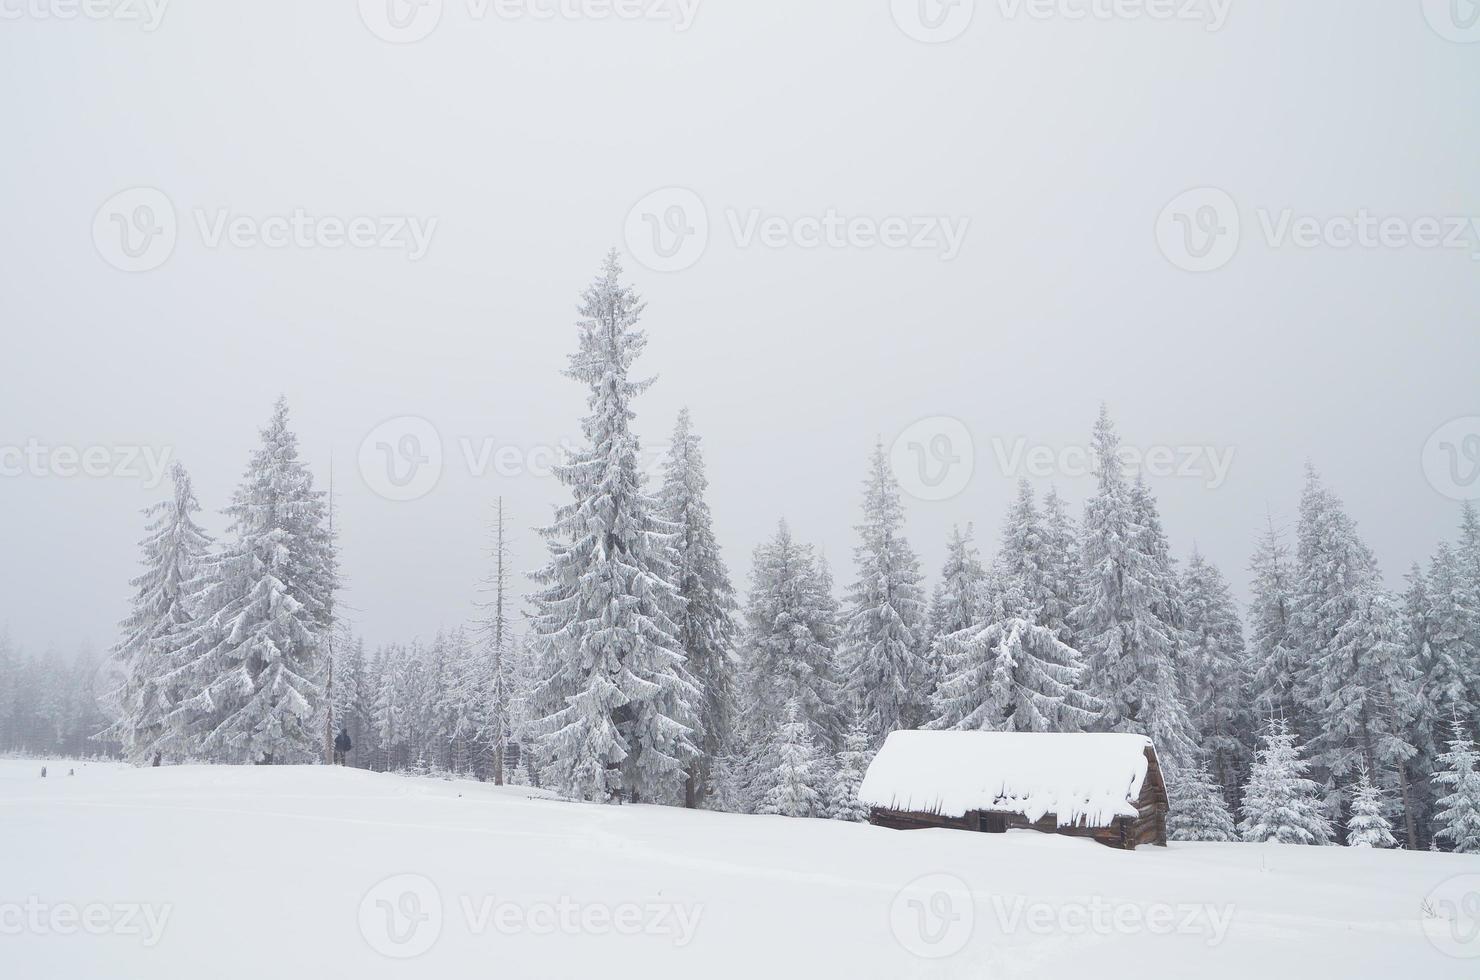 vale da montanha com cabana foto